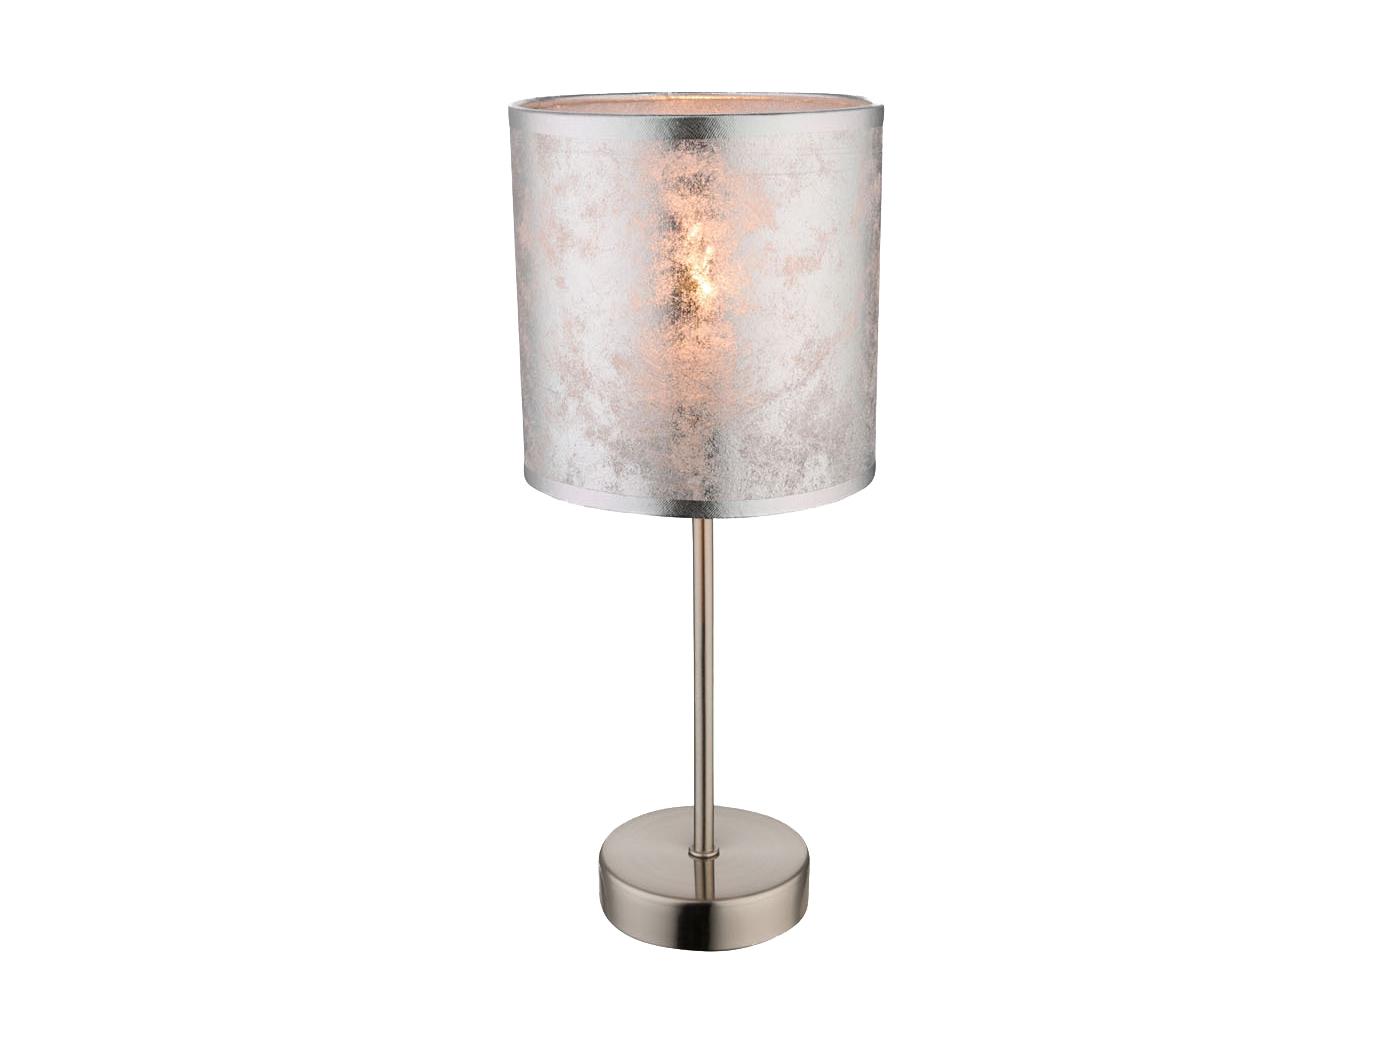 Wohnzimmerlampe Tischleuchte LED Design Tischlampe AMY Lampenschirm silber 15cm